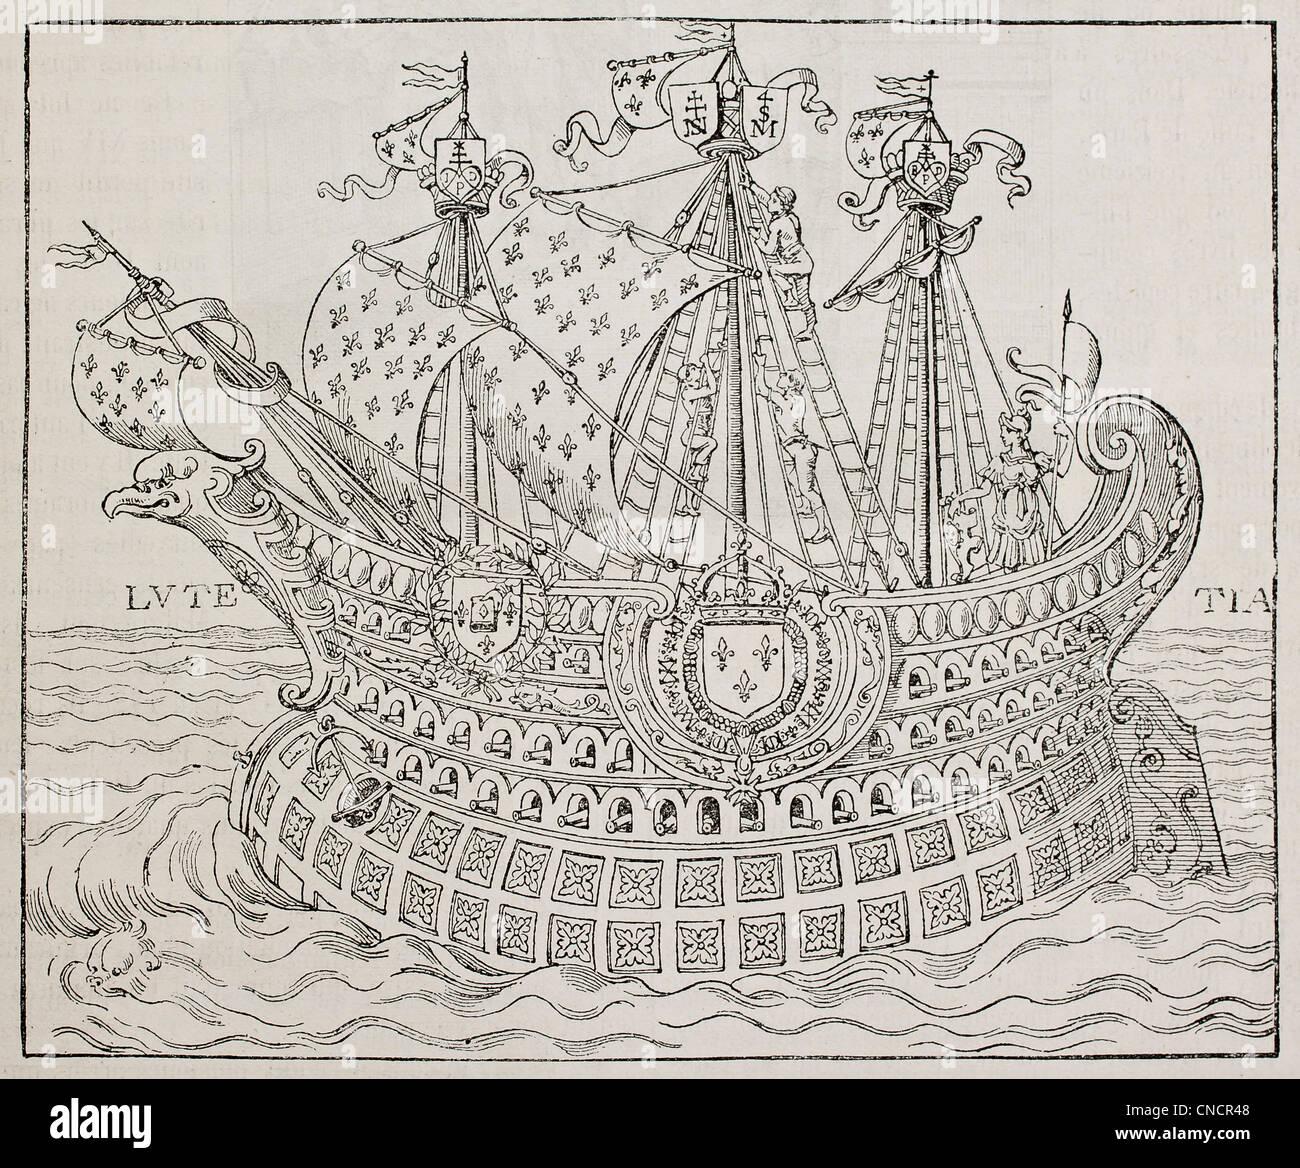 Damit verbundenen französischen Drucker Buchmarke (Ende 16. Jahrhundert) Stockbild